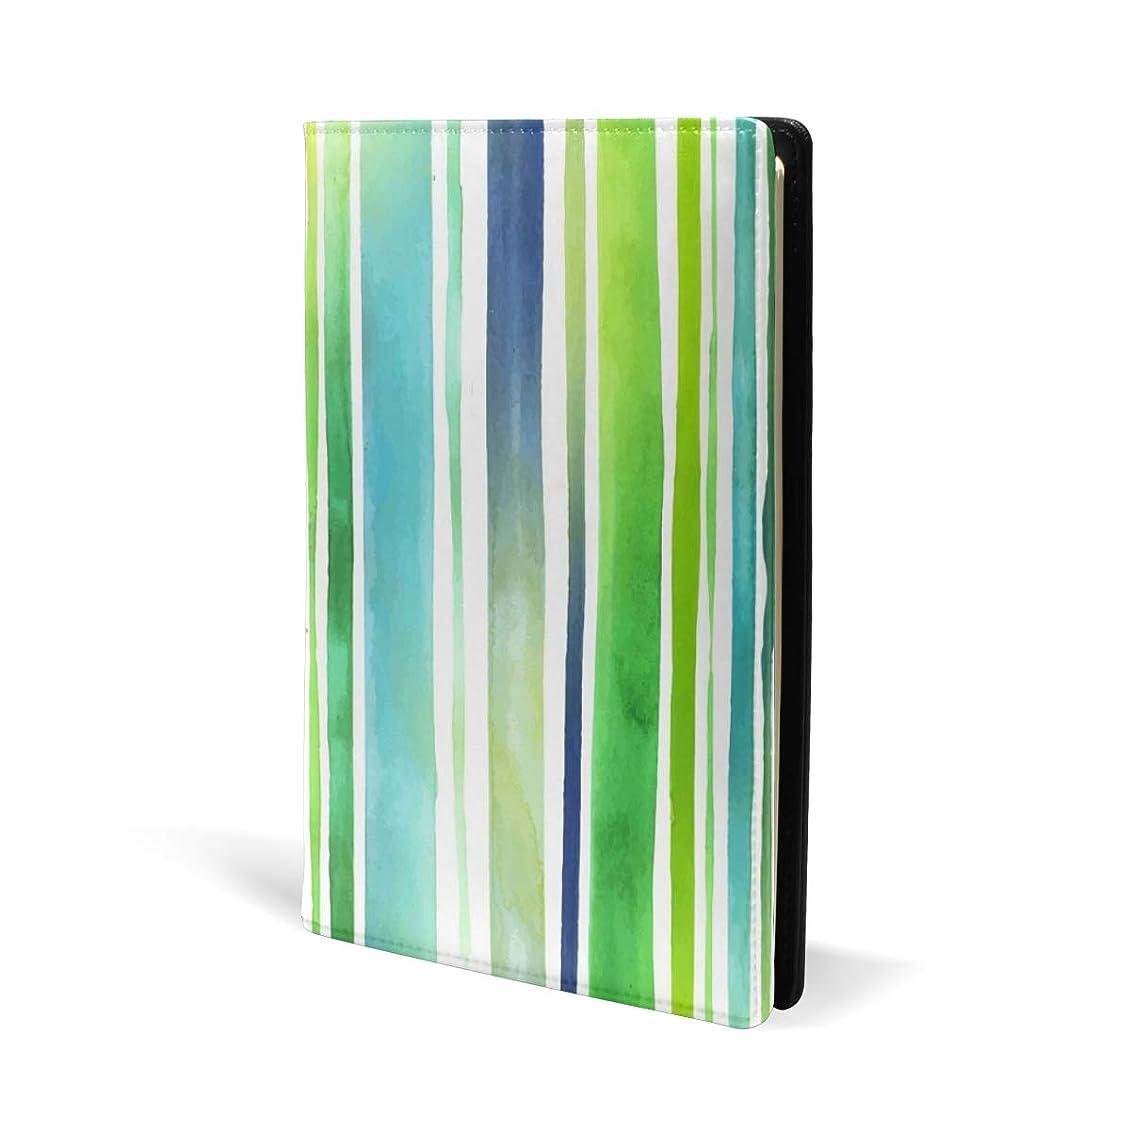 用量許される第二ブックカバー a5 ストライプ きれい 自然 文庫 PUレザー ファイル オフィス用品 読書 文庫判 資料 日記 収納入れ 高級感 耐久性 雑貨 プレゼント 機能性 耐久性 軽量